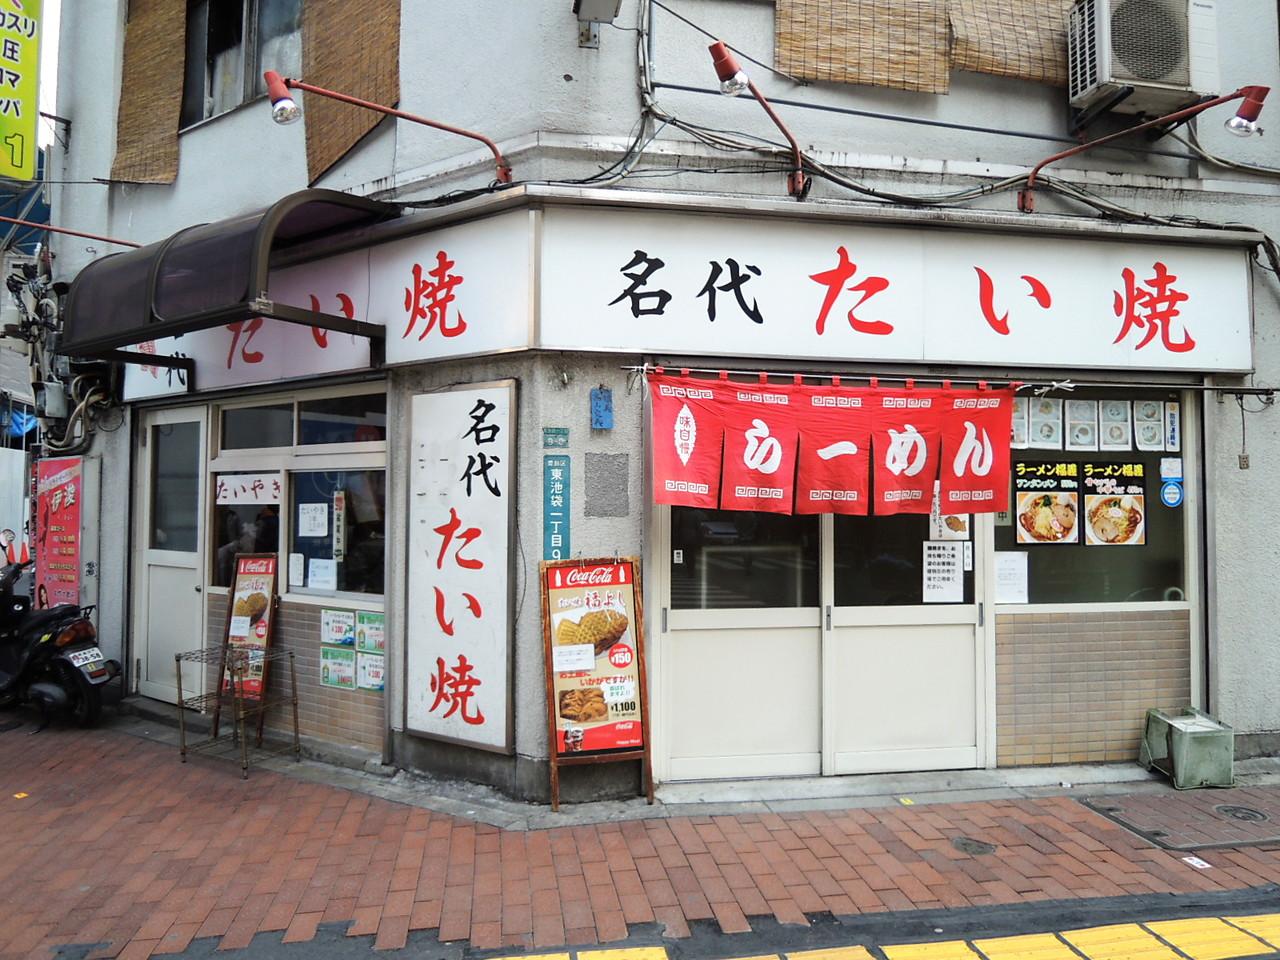 Fukuyoshi, Ikebukuro